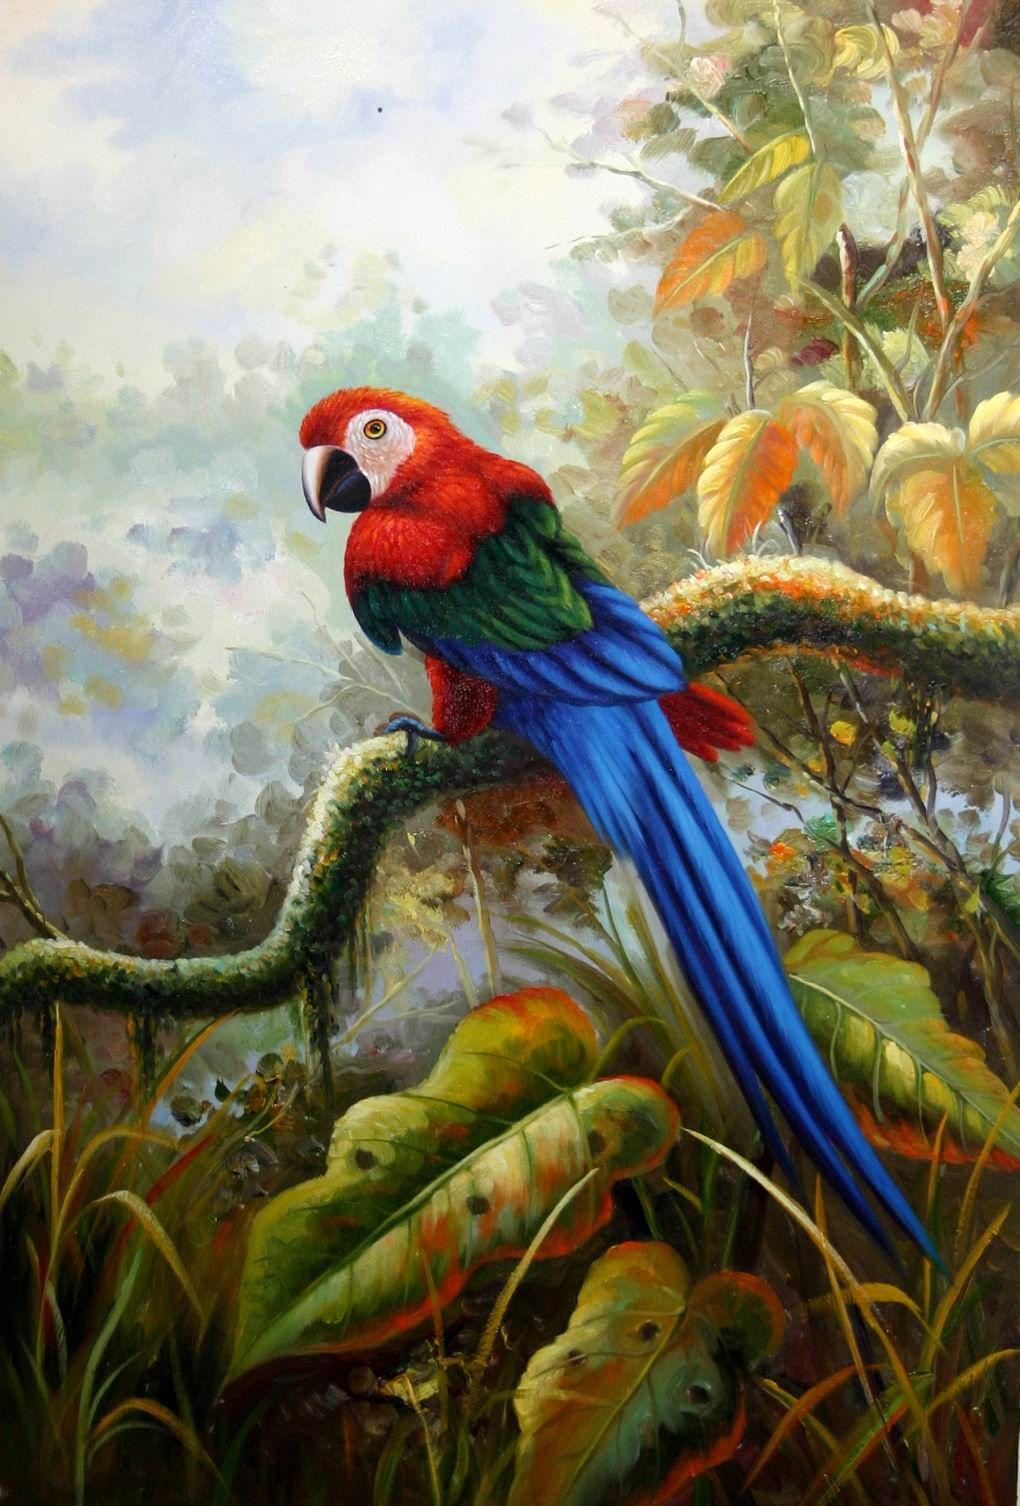 19e885304c230e30e0957304e6ab586d.jpg (1020×1506) Birds